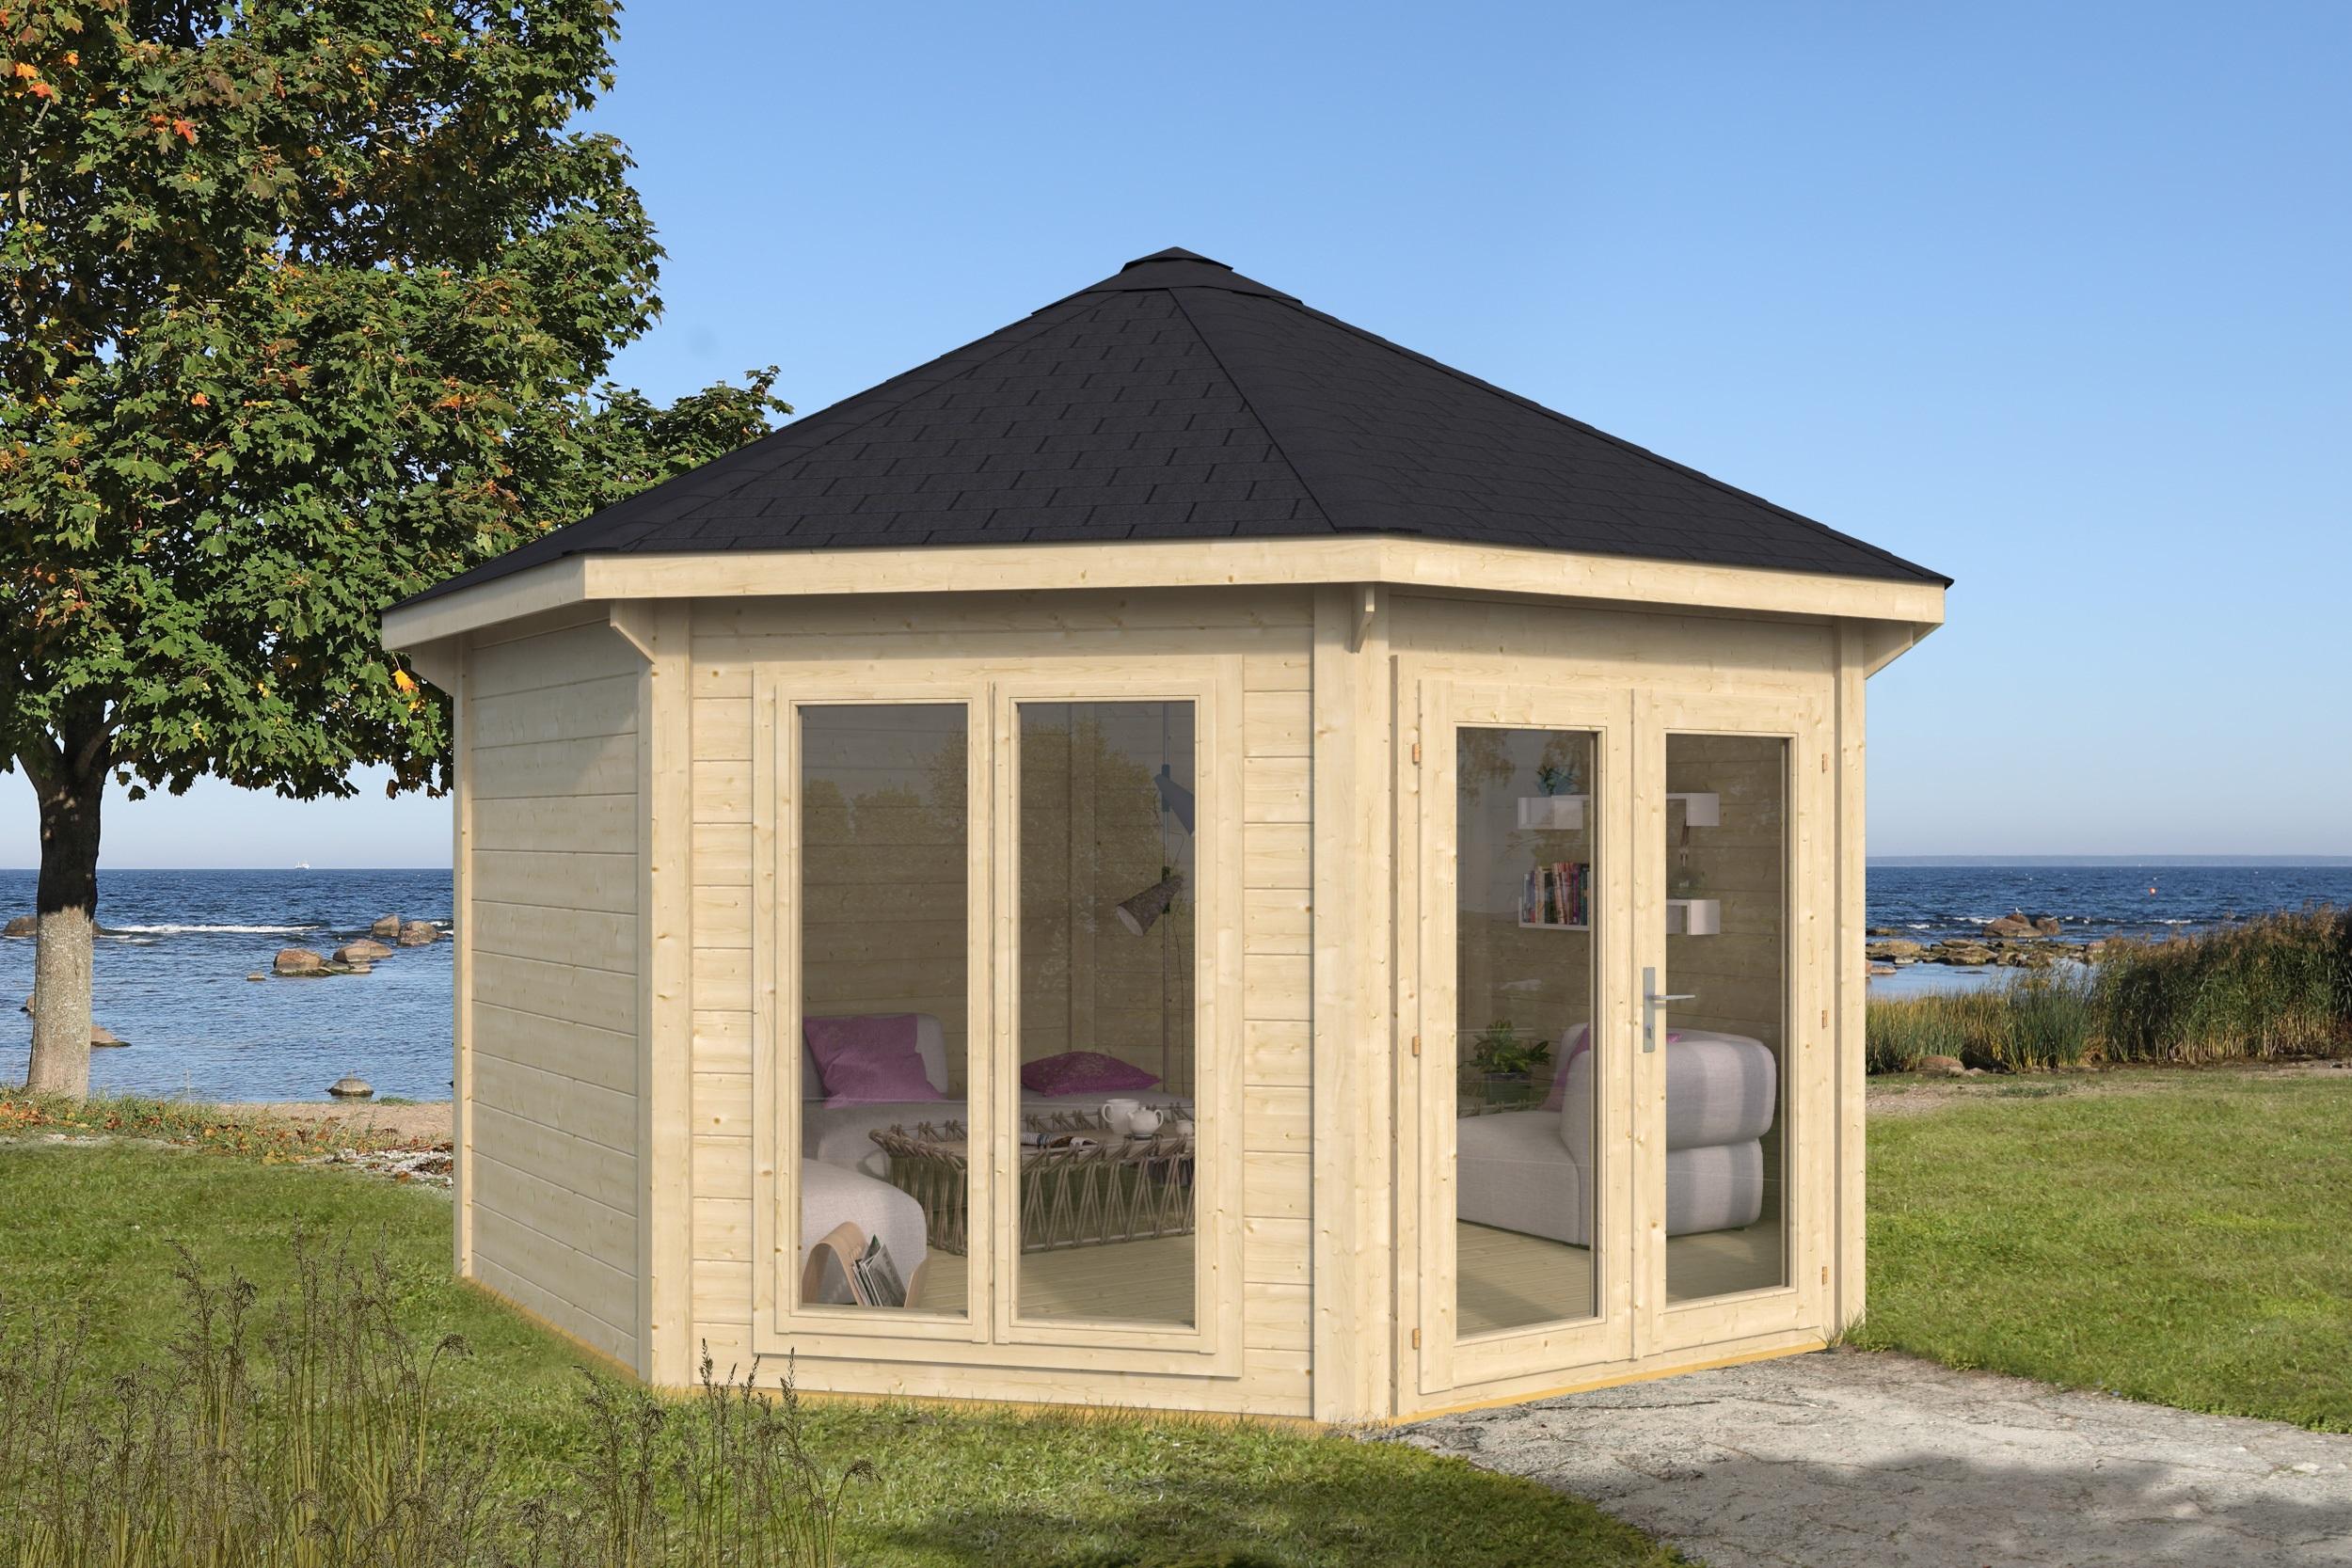 Træ pavillion fra www.solundhuse.dk luksus havepavillion til byg selv